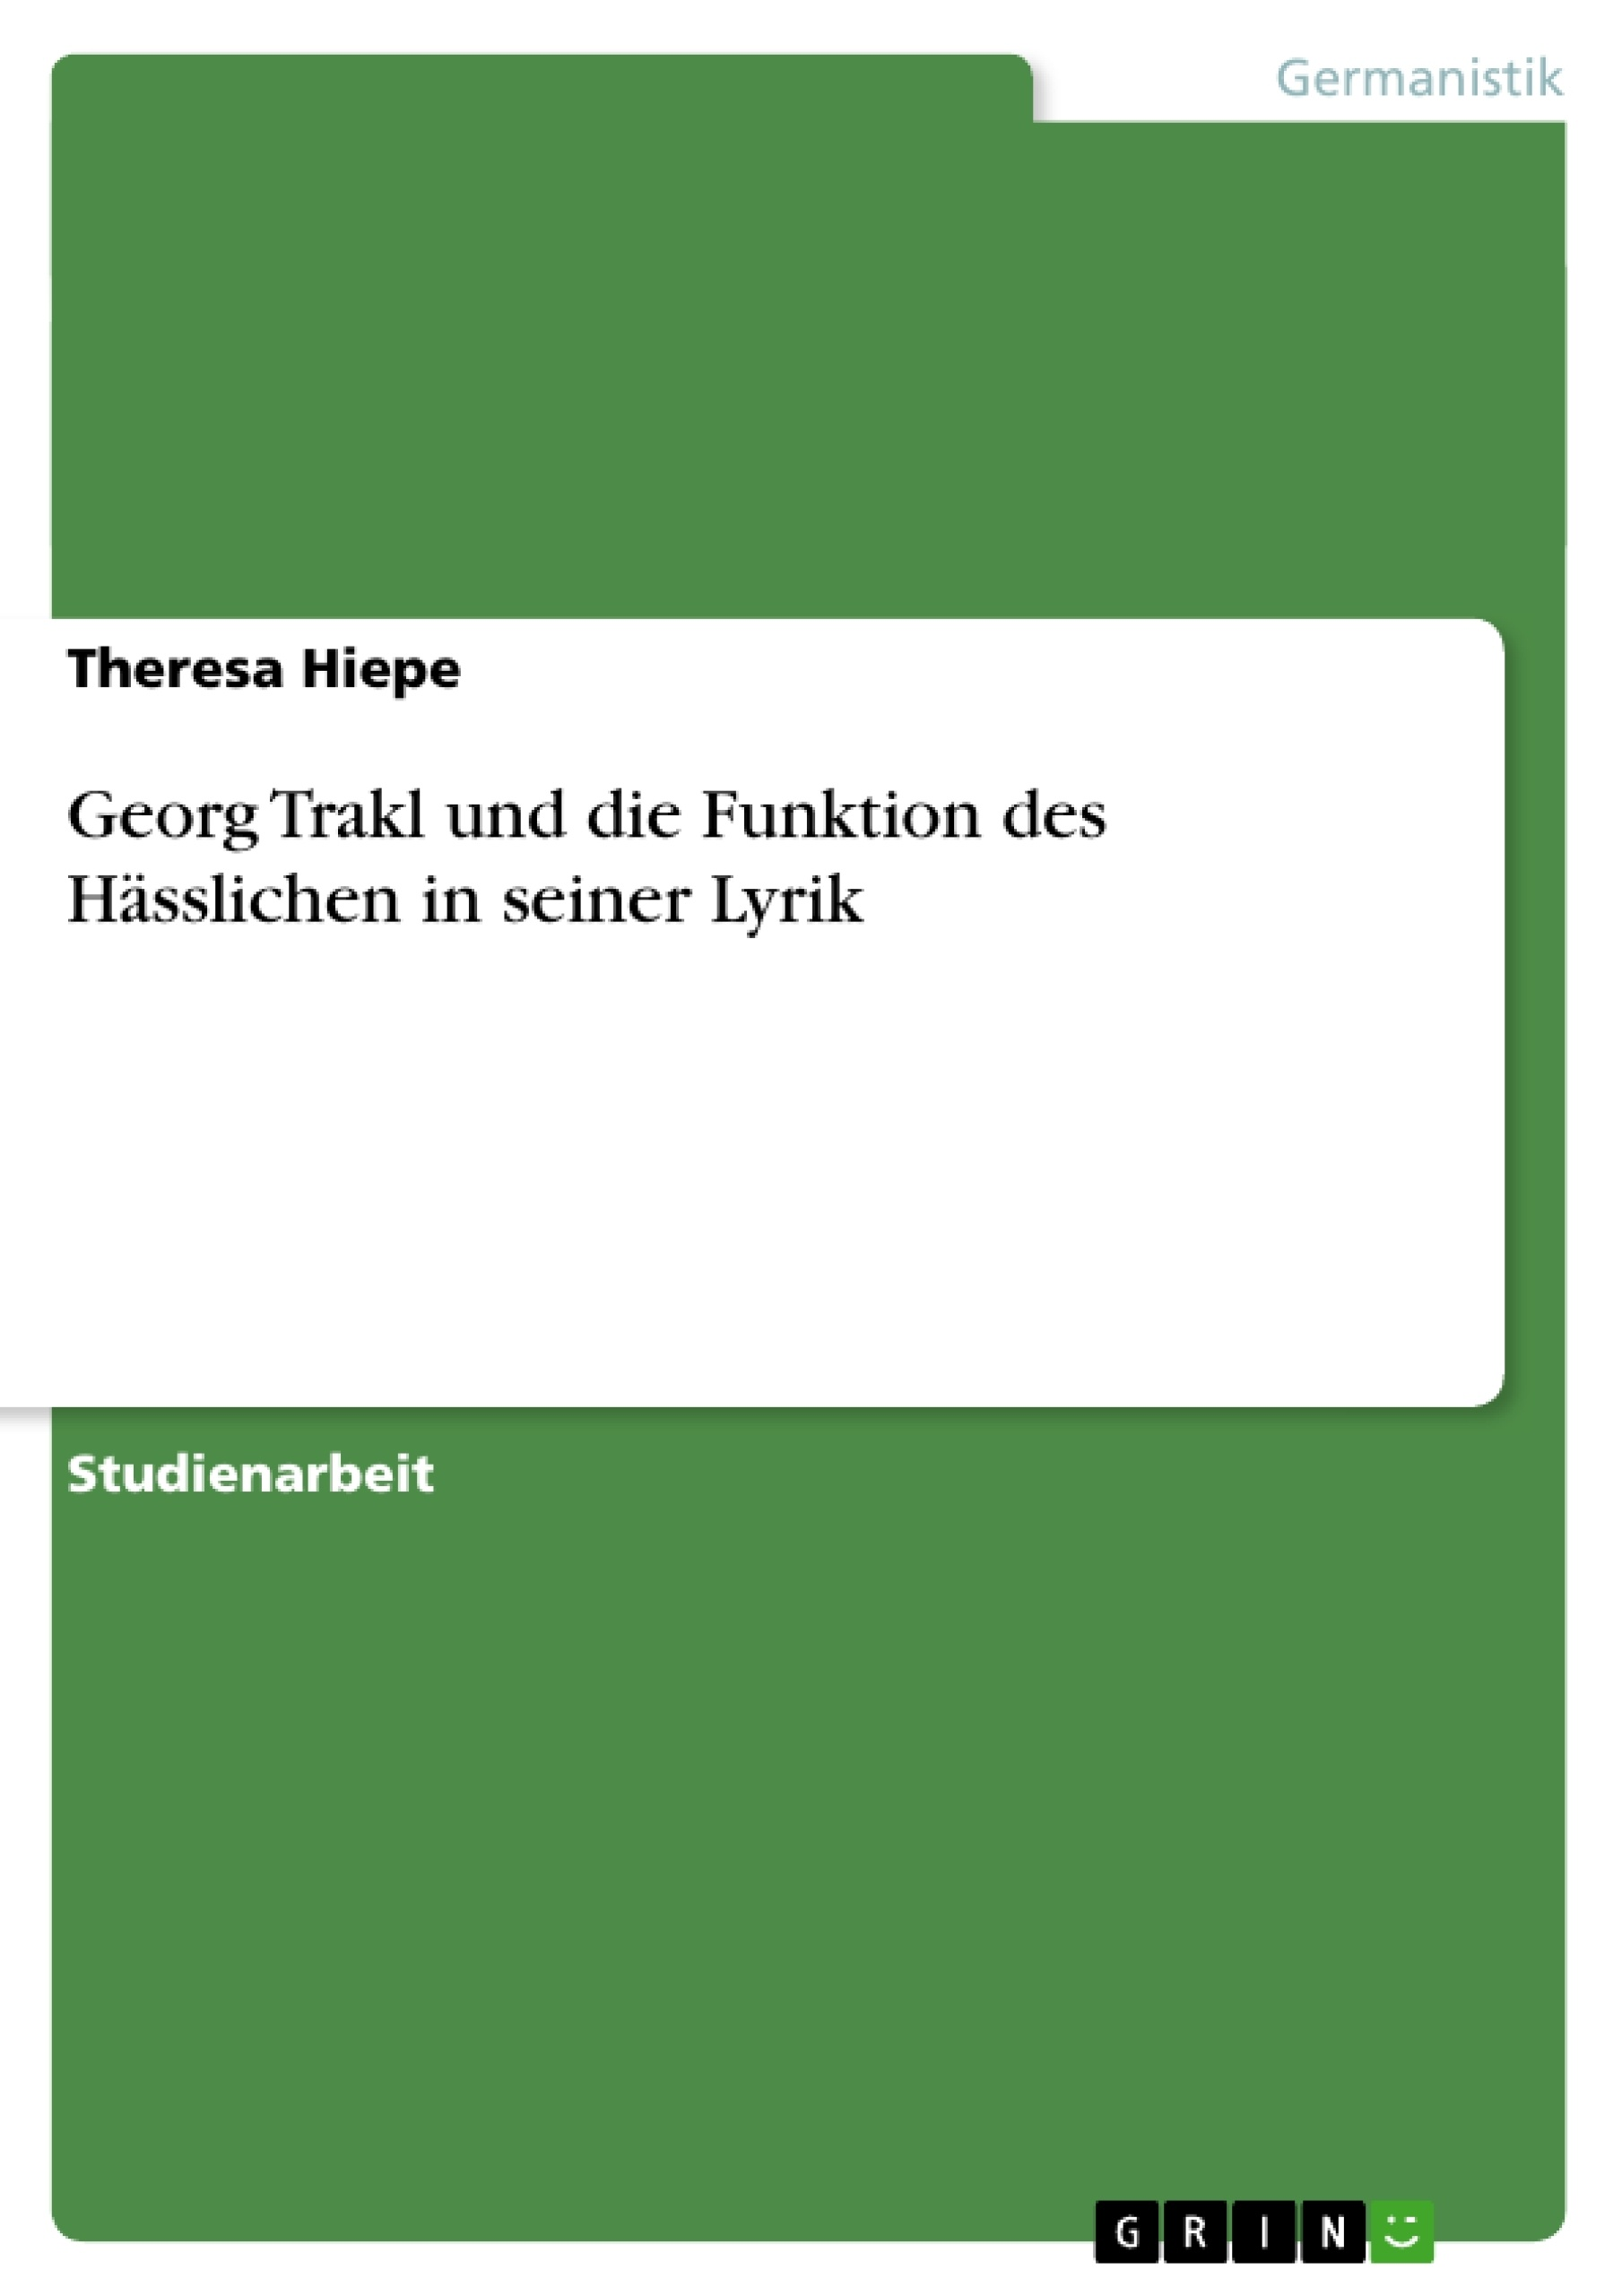 Titel: Georg Trakl und die Funktion des Hässlichen in seiner Lyrik